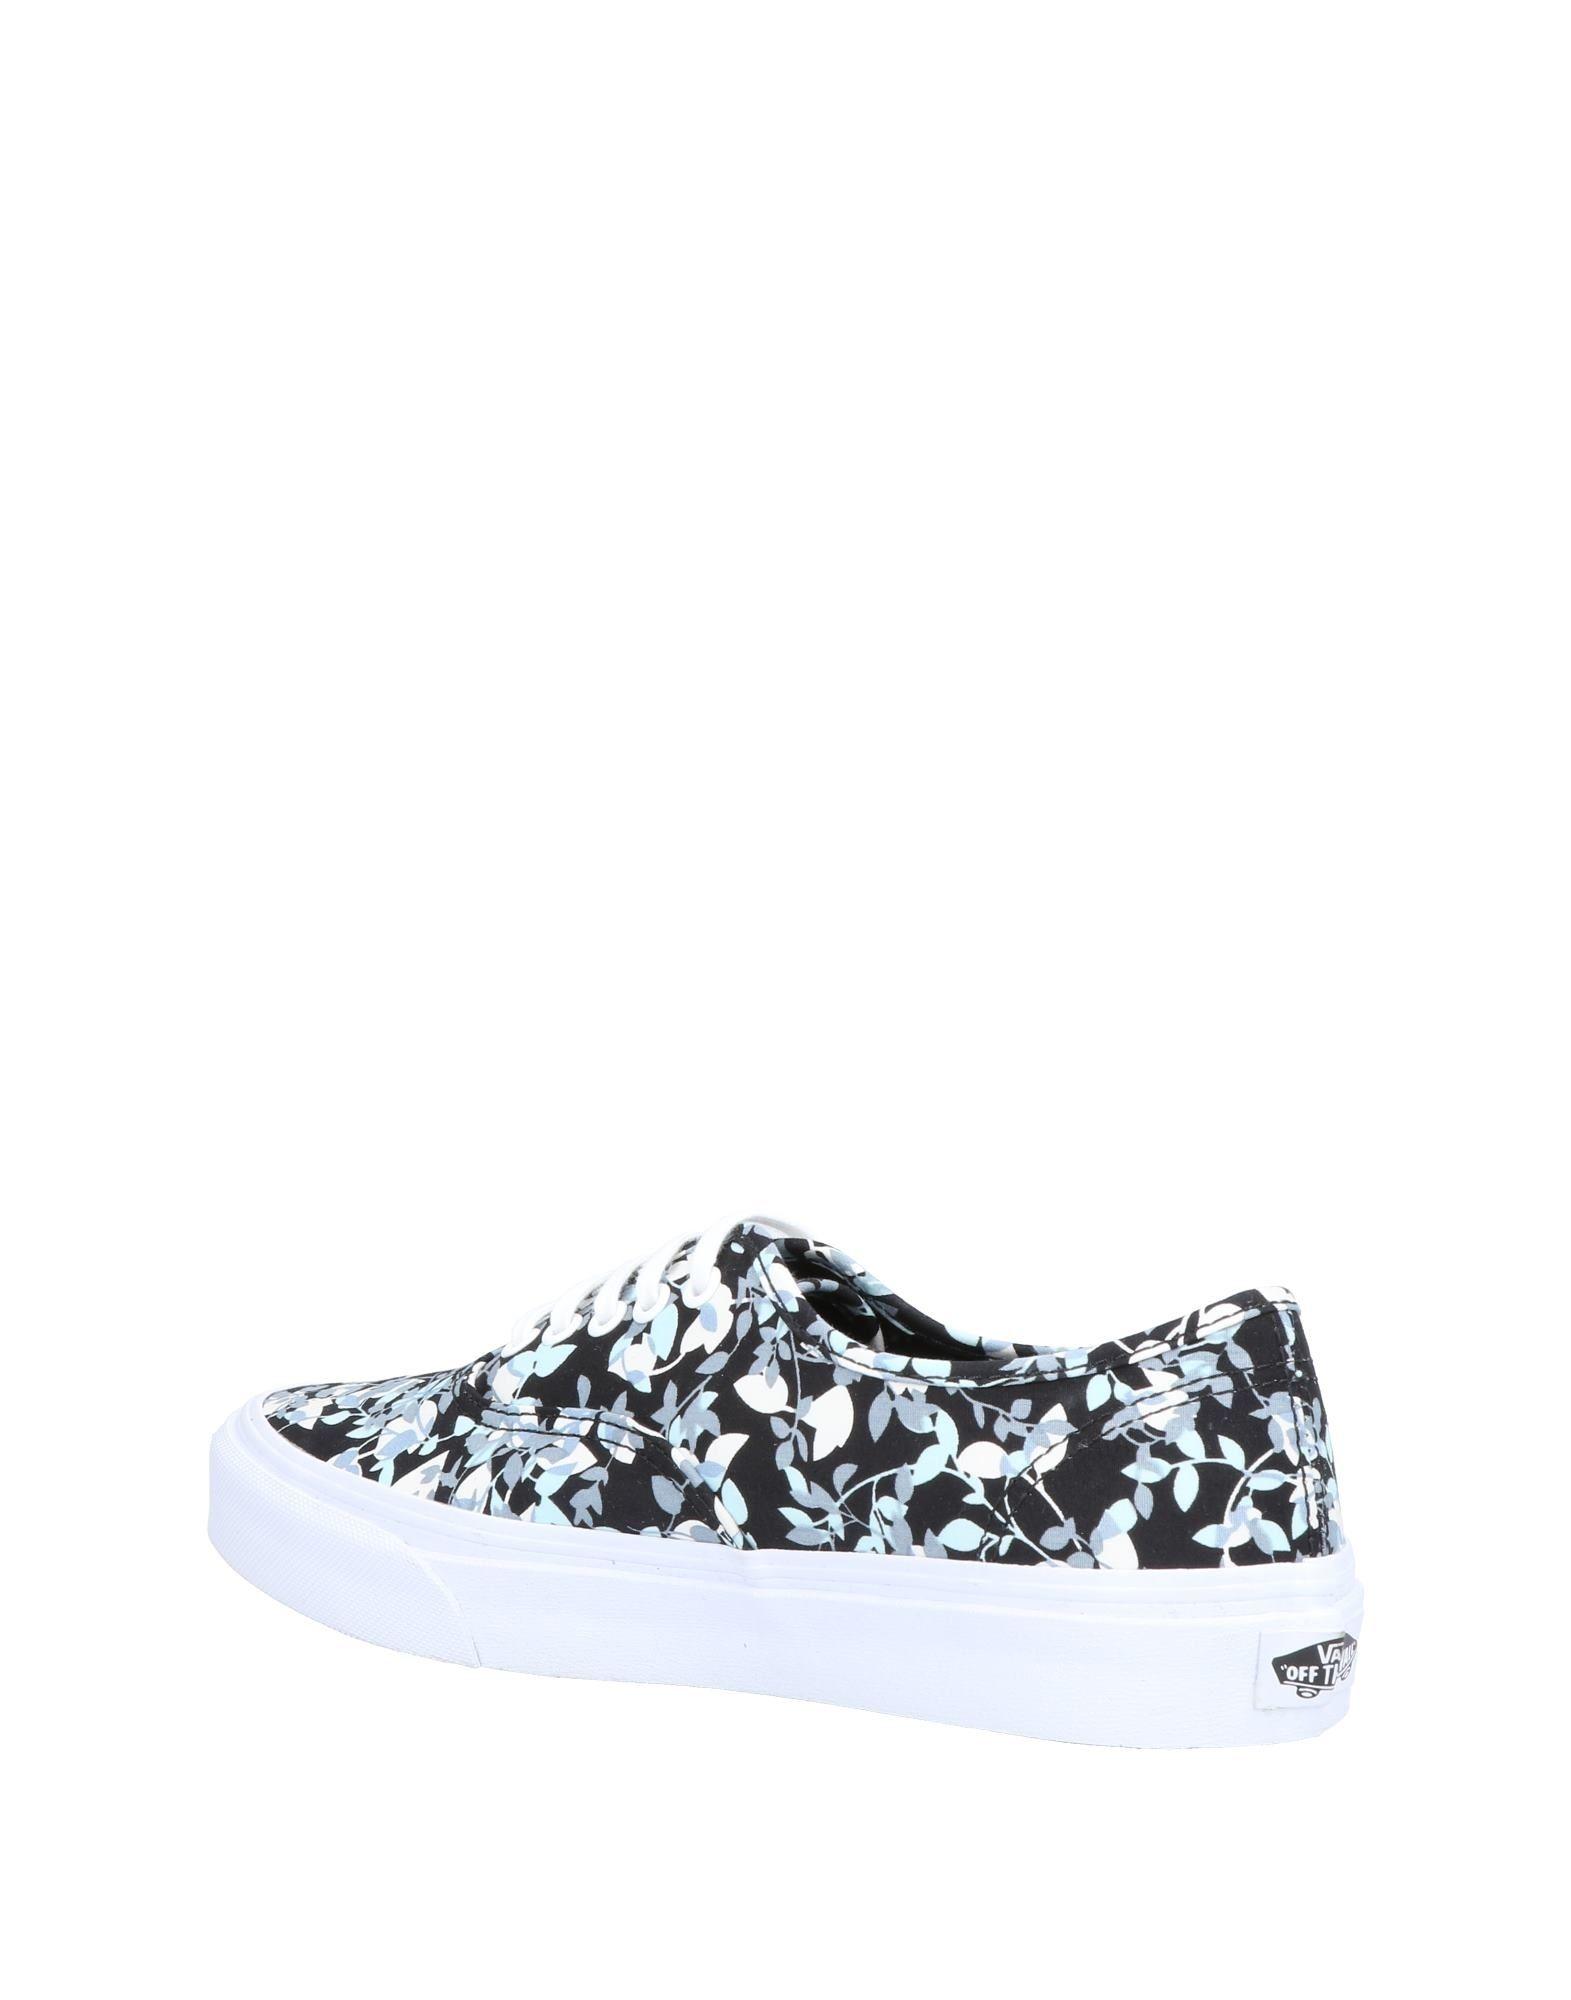 Vans Sneakers Damen  11467545EF Schuhe Gute Qualität beliebte Schuhe 11467545EF 78a49f